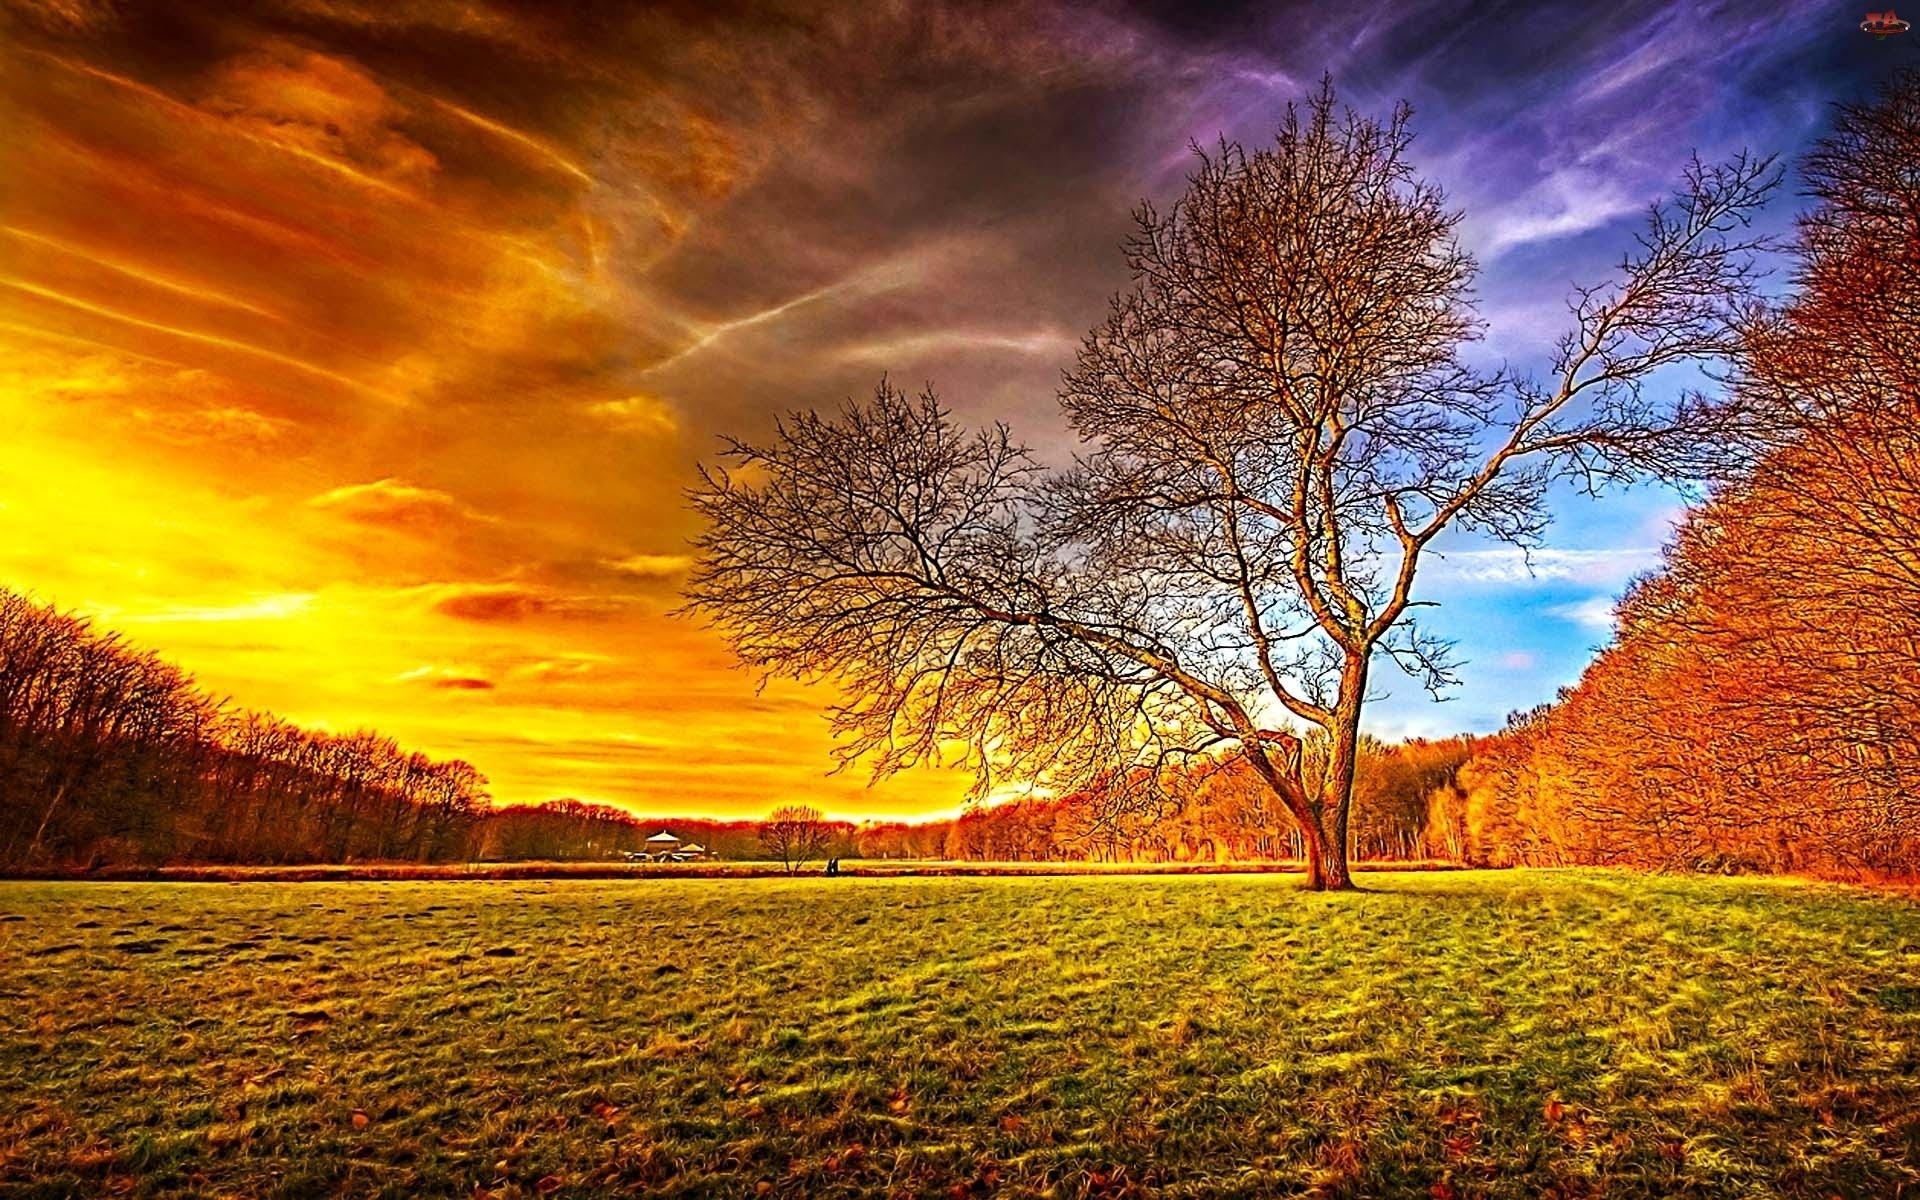 صورة خلفيات جميله , الحياة افضل مع خلفية جميلة